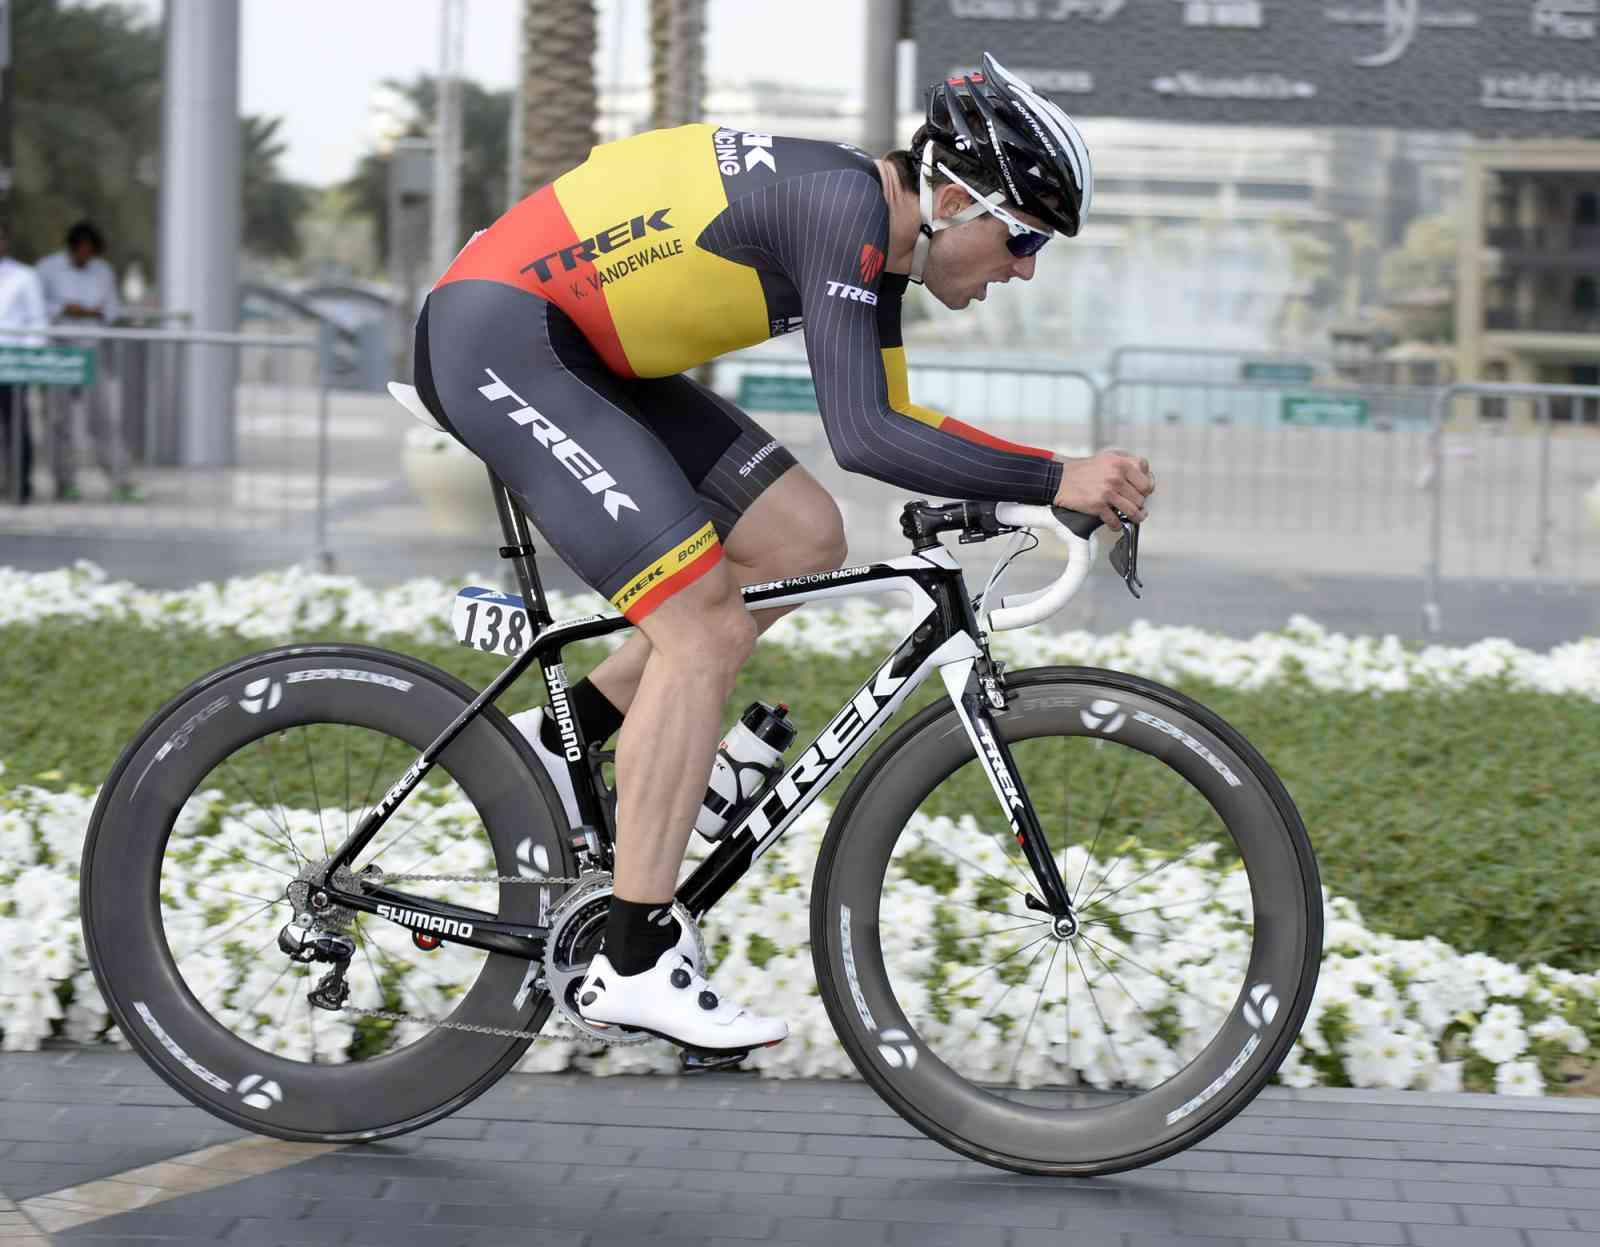 Il belga Vandewalle, vincitore dell'ultima tappa del Giro di Polonia